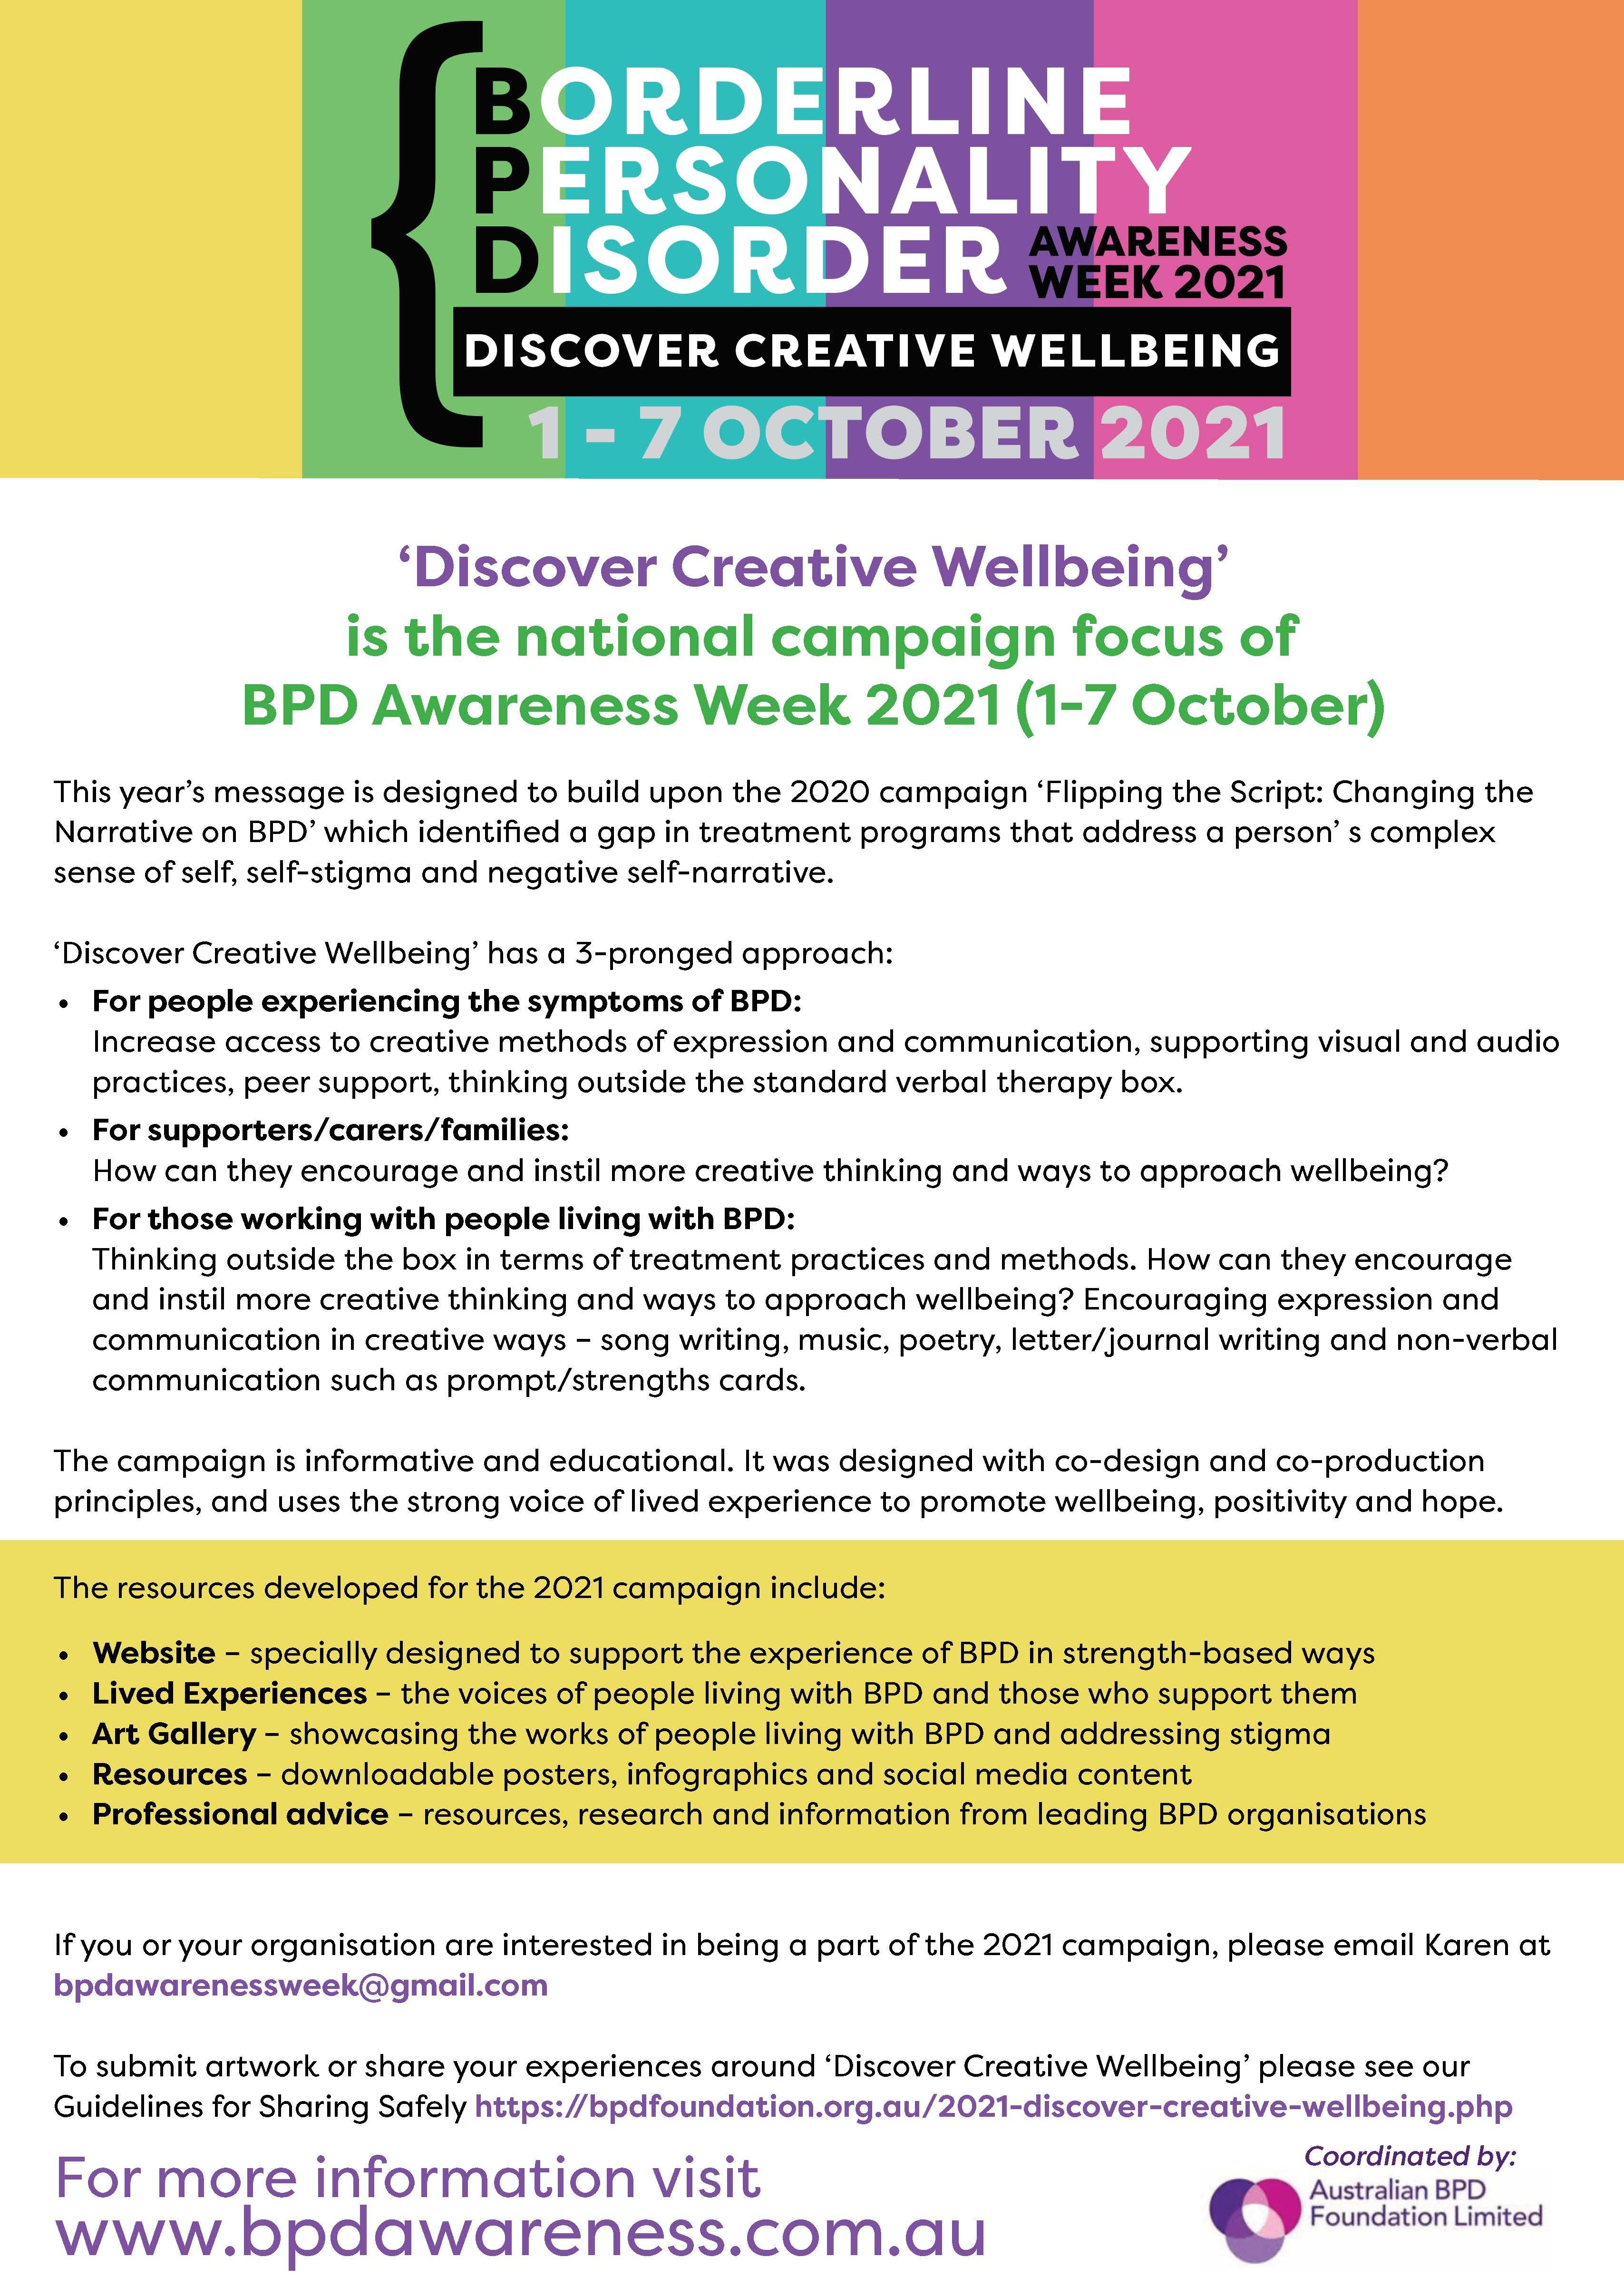 BPDAW info poster